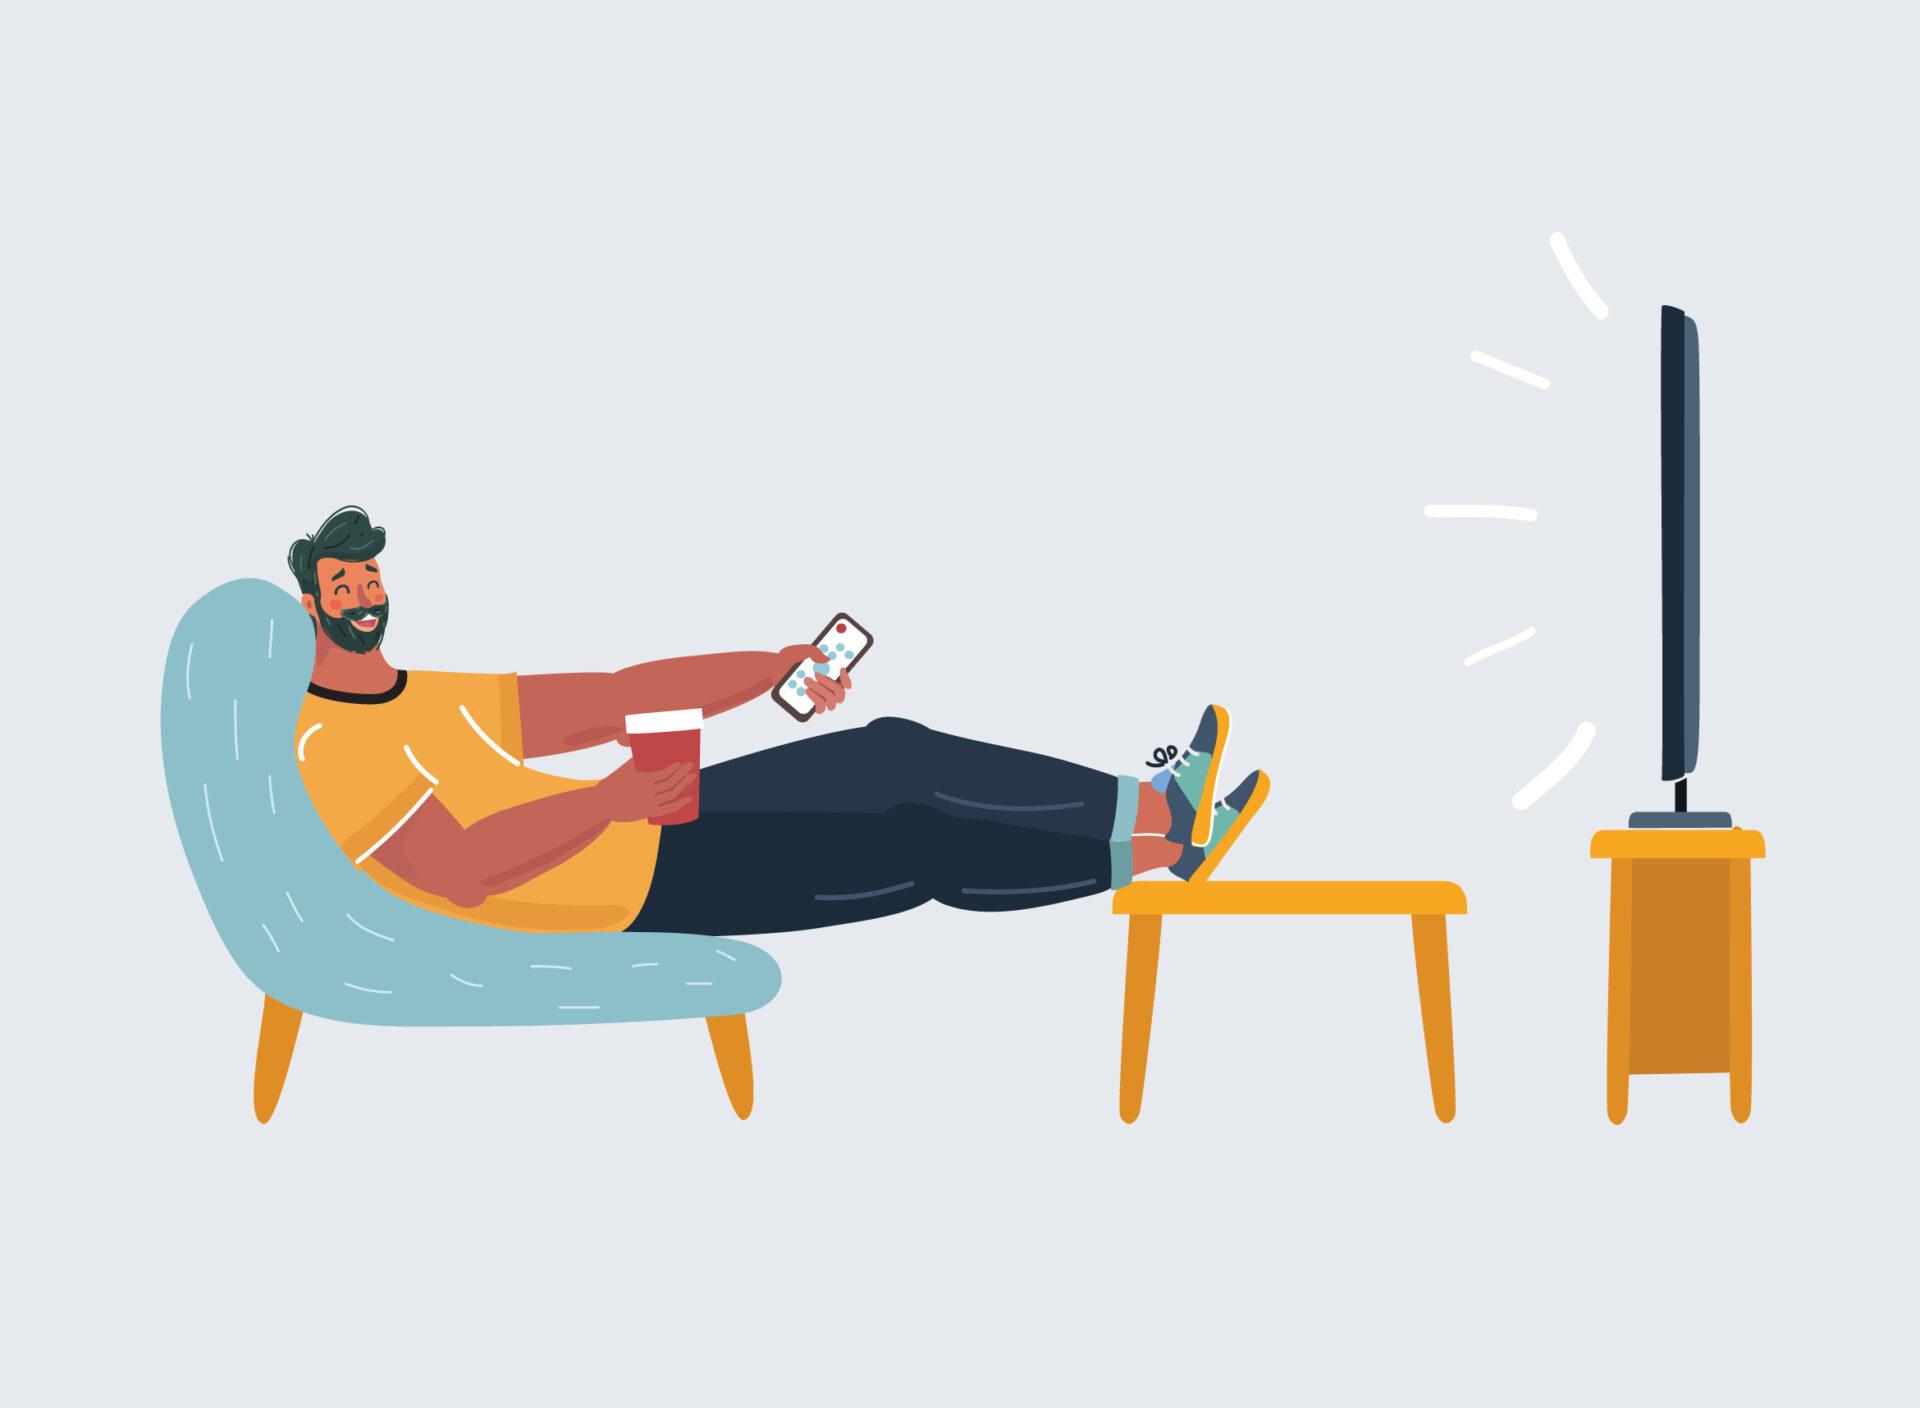 Exerciții fizice pentru sedentari? Da, există. Iată recomandările specialiștilor